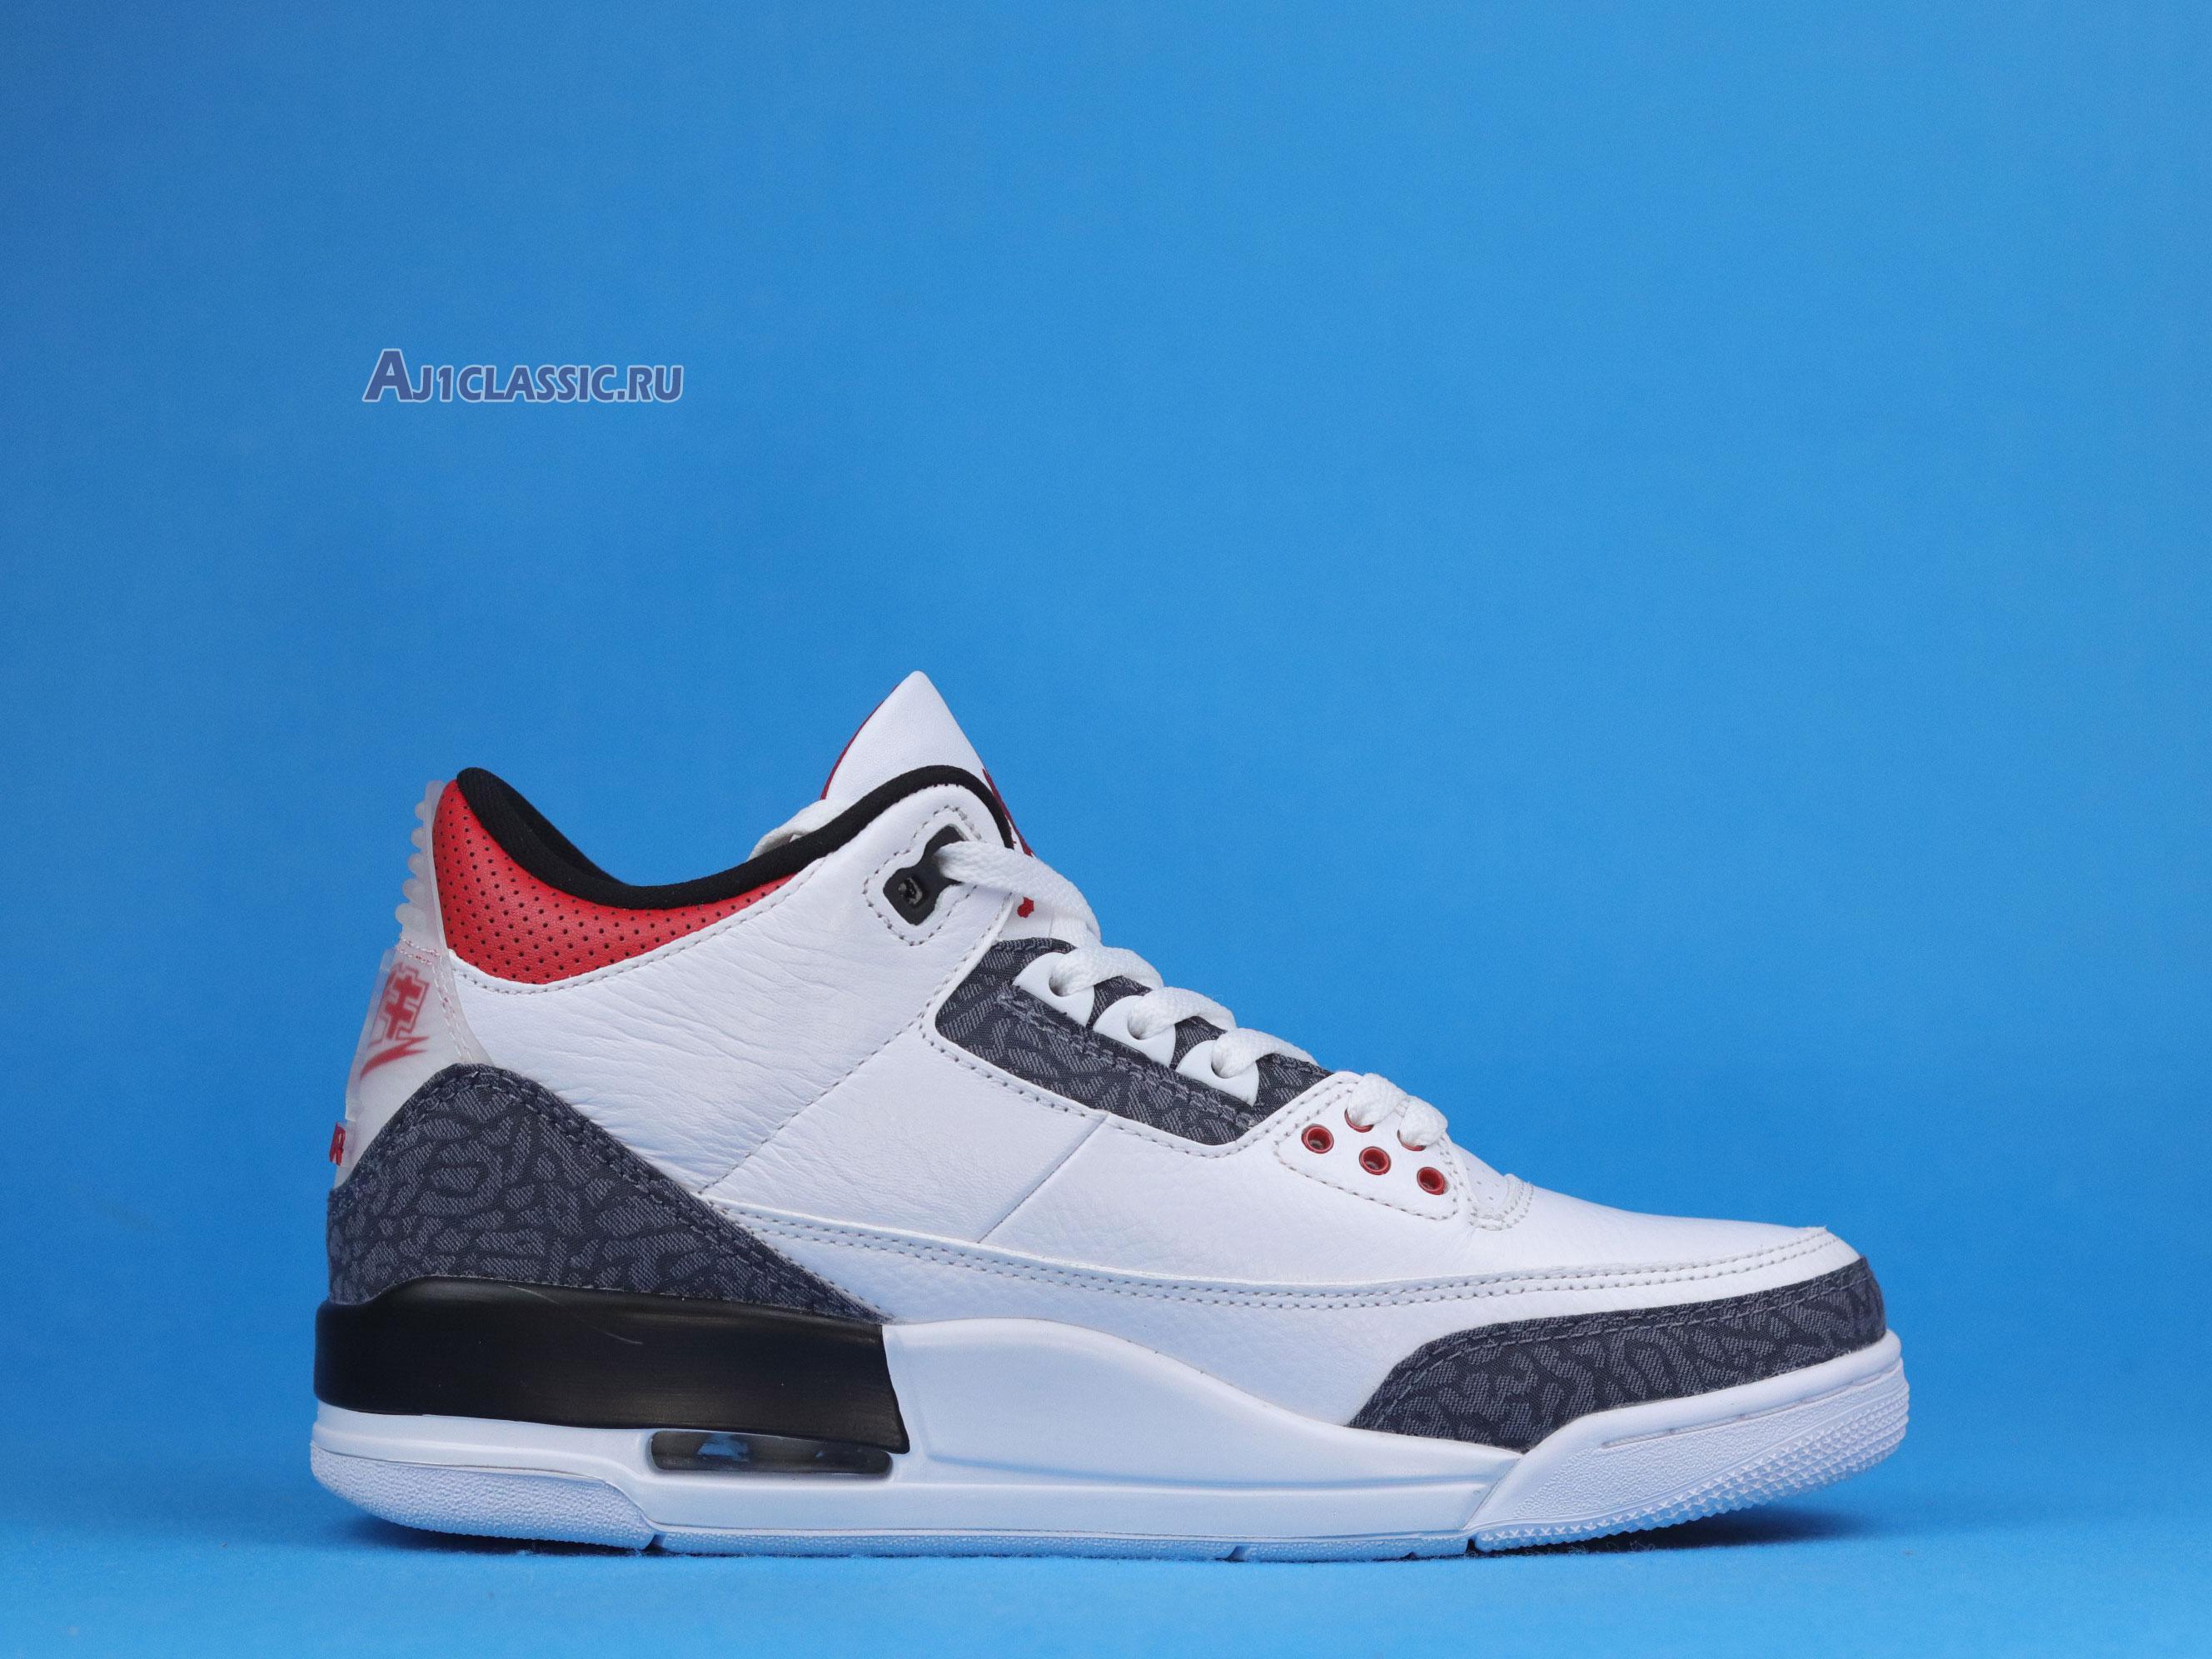 """Air Jordan 3 SE-T """"Fire Red Japan Exclusive"""" CZ6433-100"""